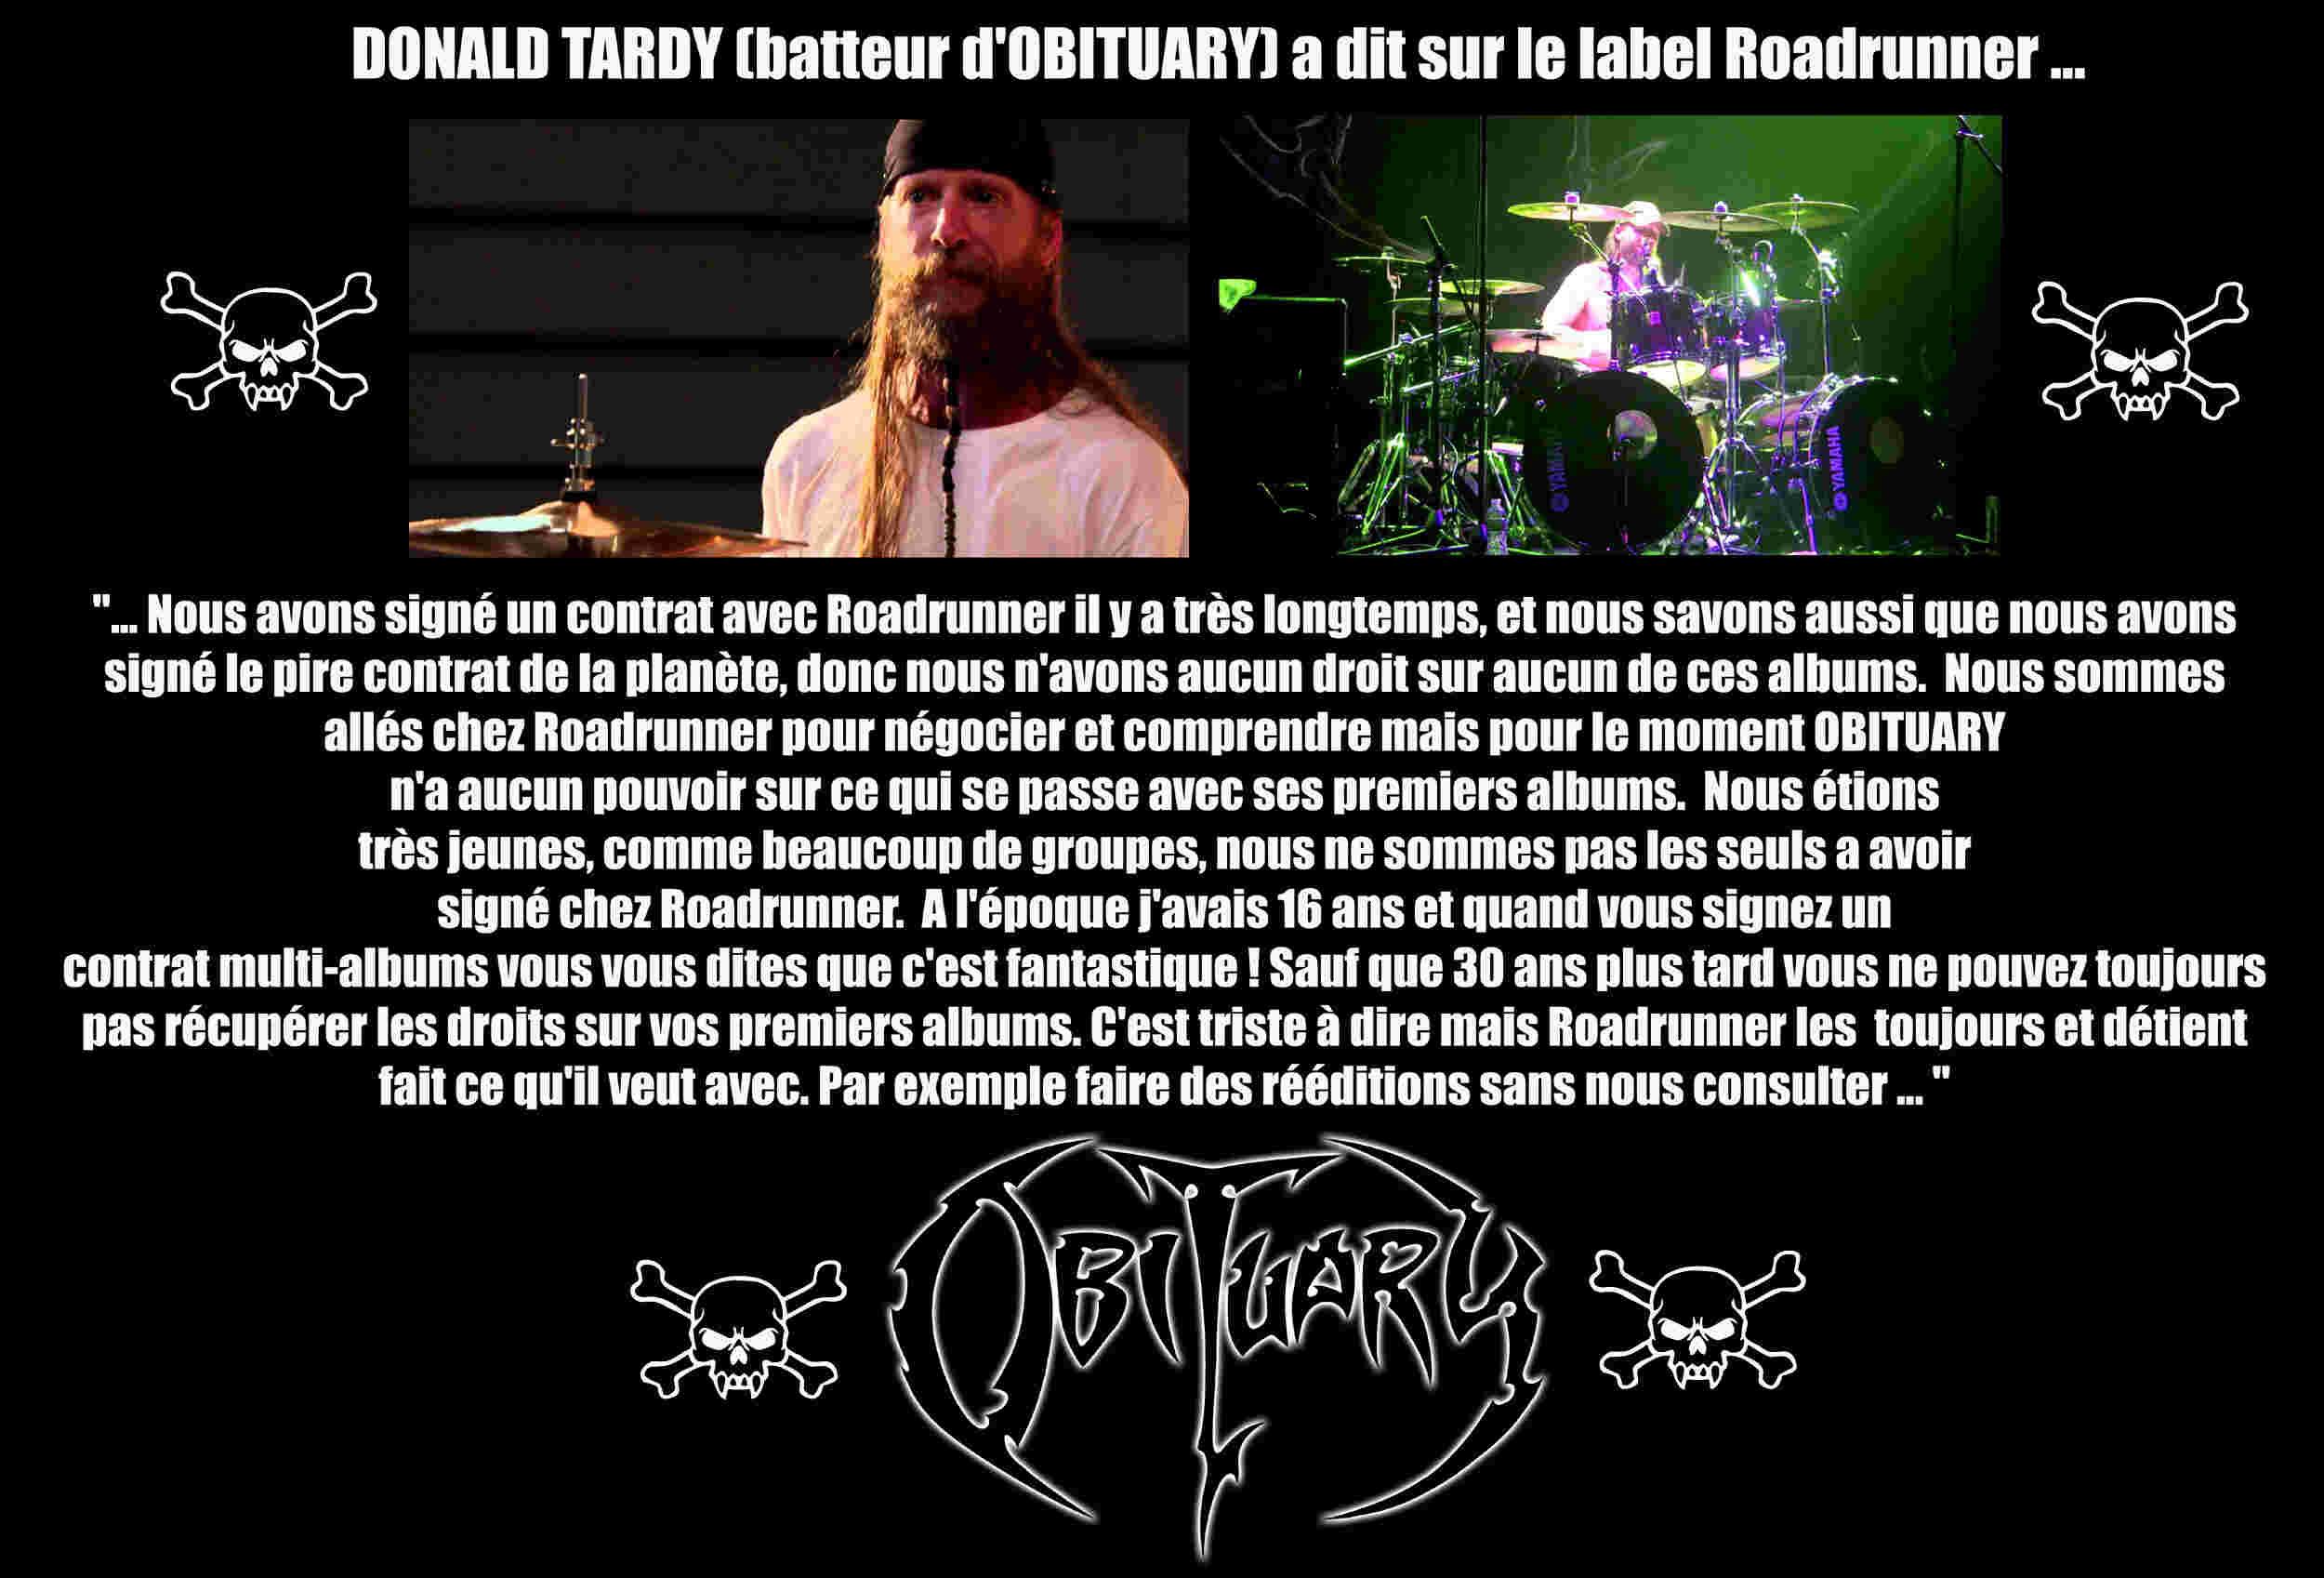 DONALD TARDY (batteur d'OBITUARY) a dit ... sur le Label Roadrunner. Donald10